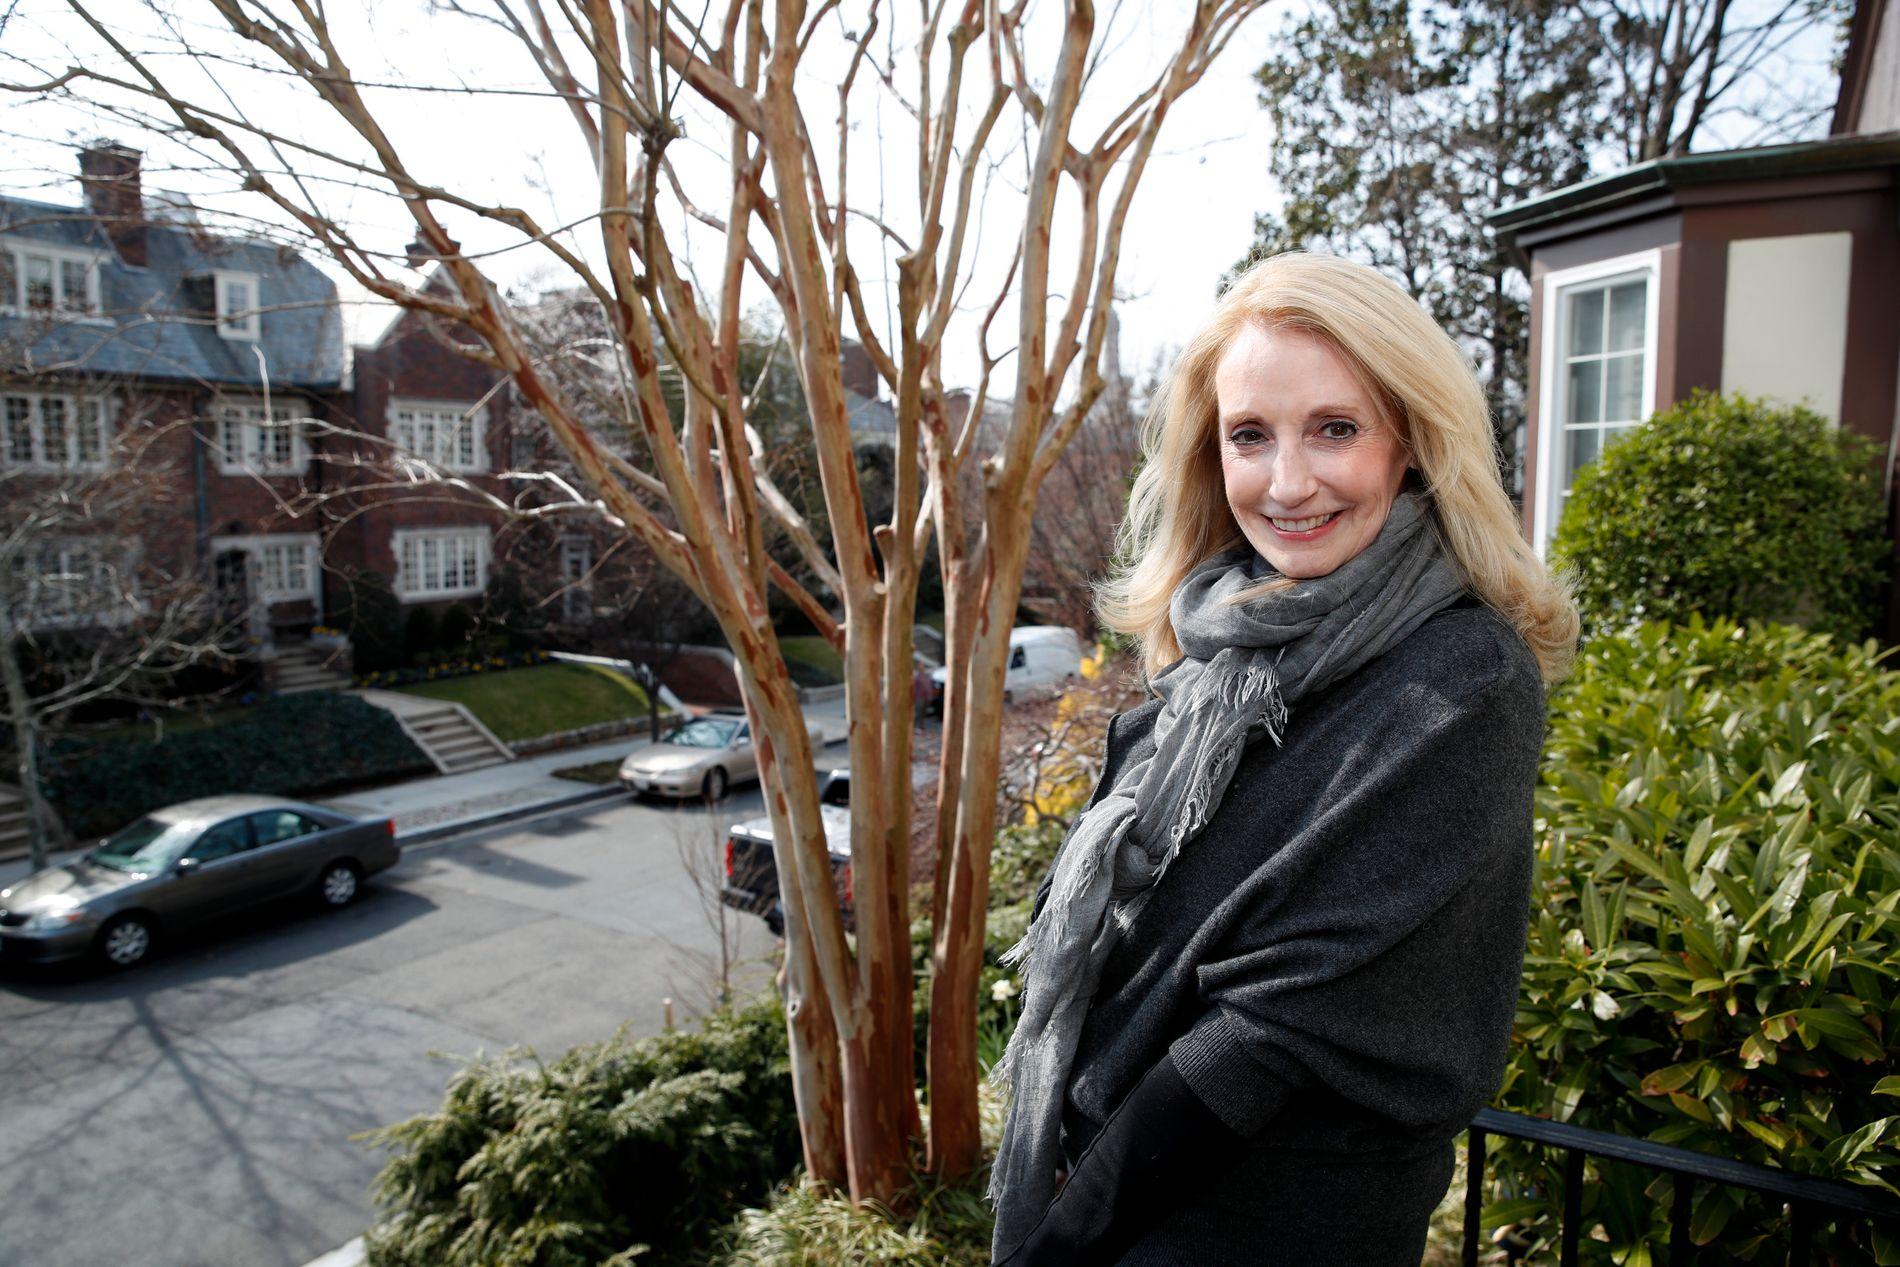 MISFORNØYD: Advokat Rhona Wolfe Friedman er en av Ivanka Trumps nye naboer i Kalorama som ikke er helt fornøyd med de nye forholdene i gaten. Foto: Alex Brandon/AP